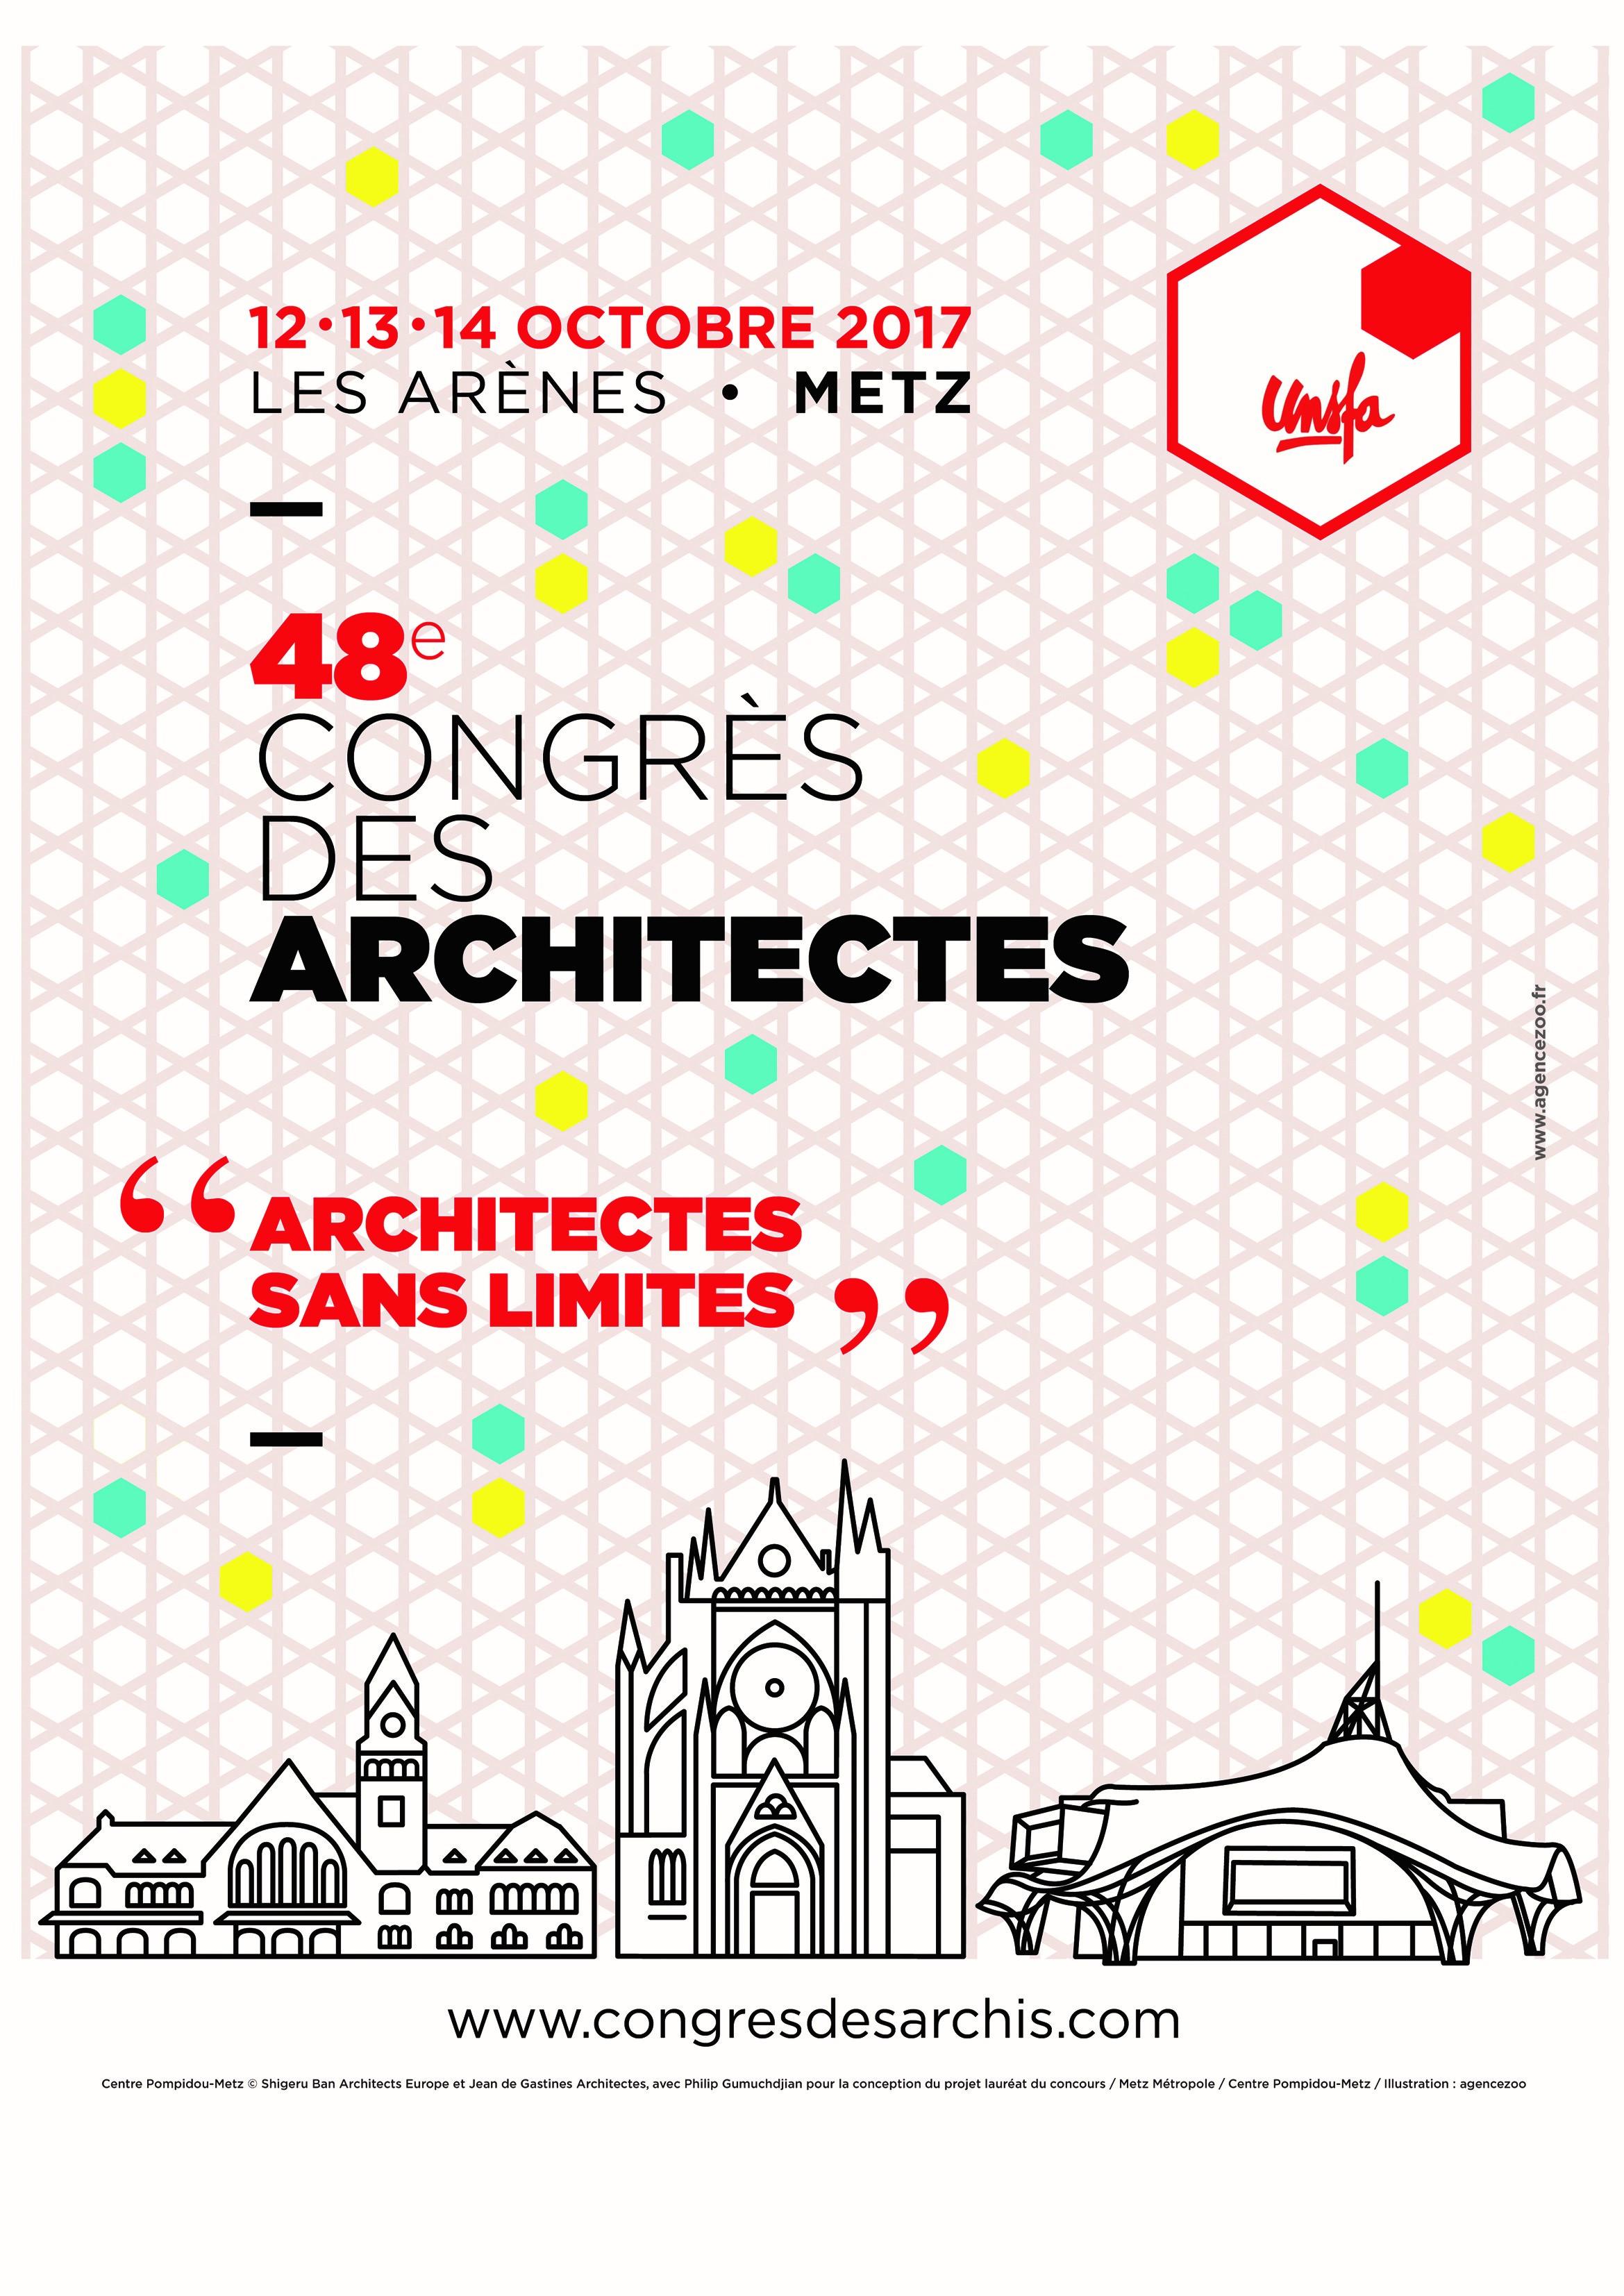 CONGRÈS DES ARCHITECTES UNSFA /// 12 AU 14 OCTOBRE 2017 À METZ @ Les Arènes de Metz | Metz | Grand Est | France